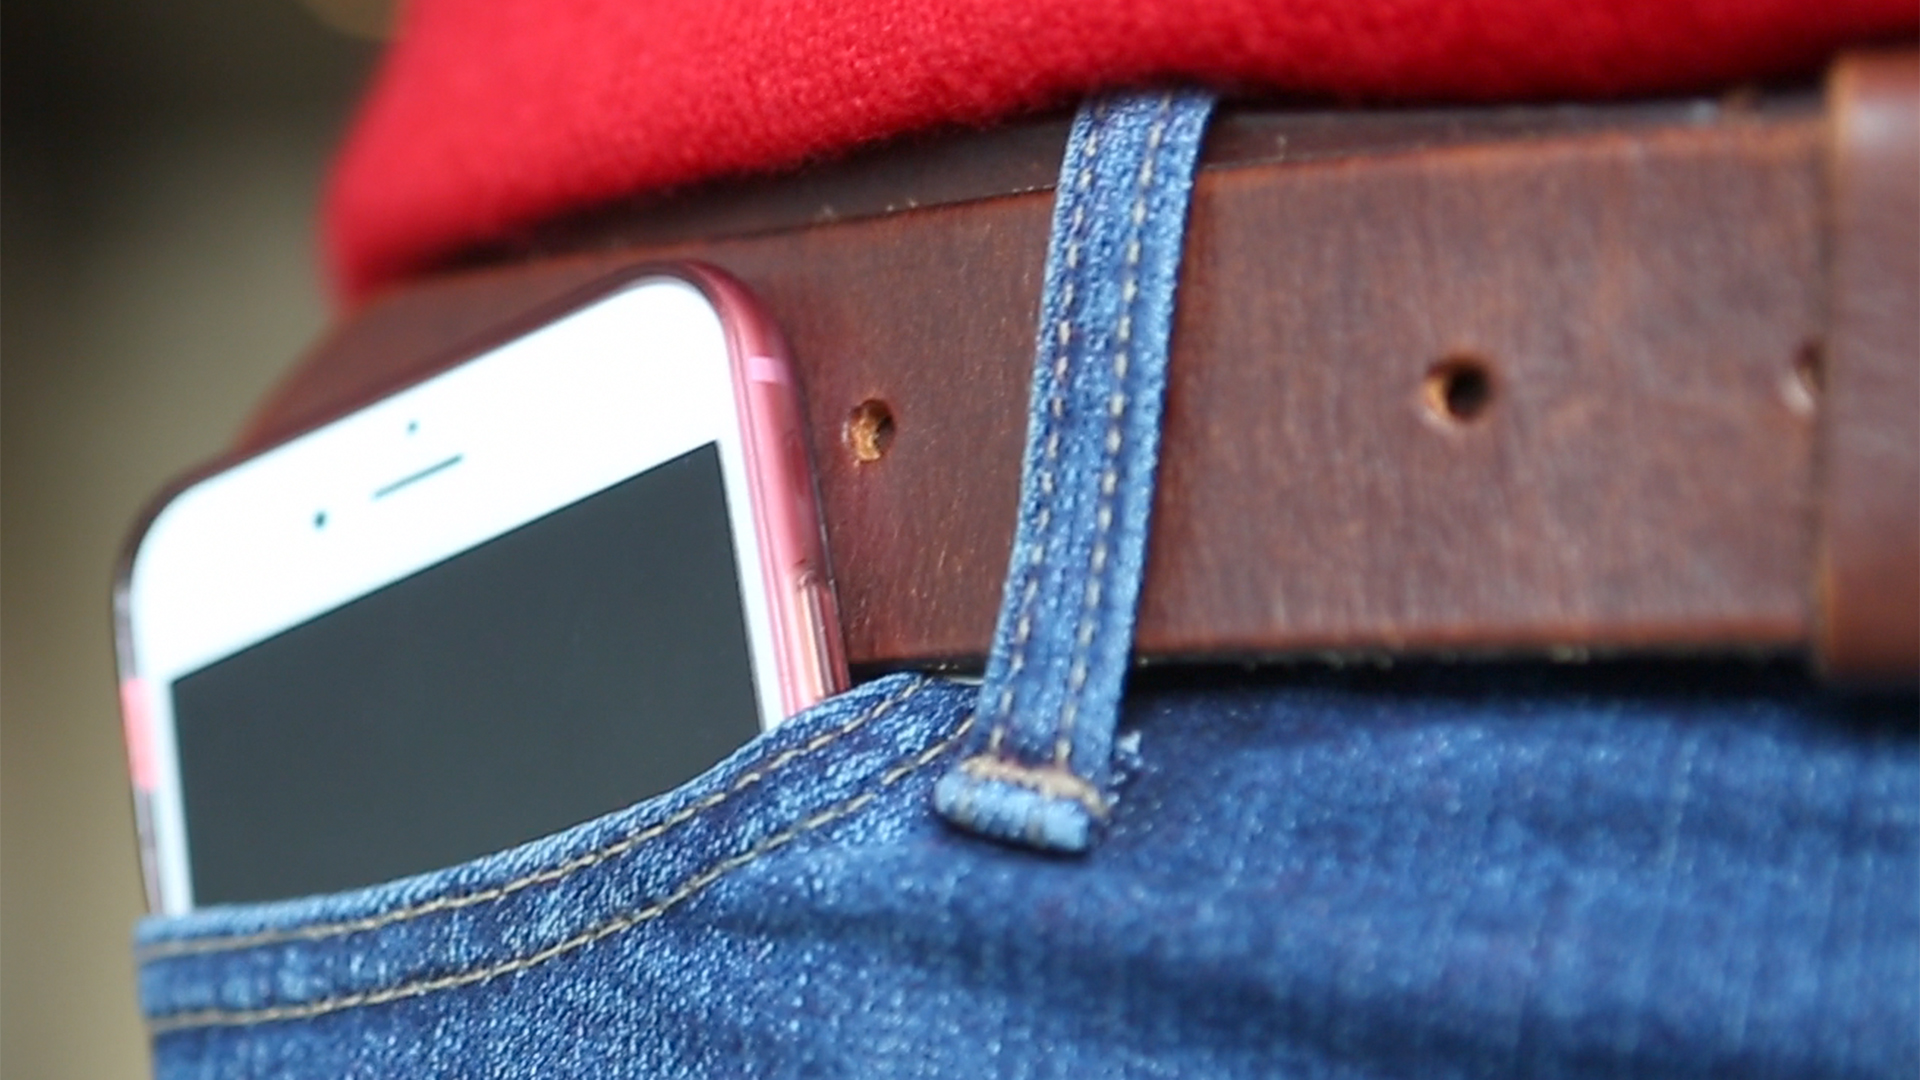 Ai cũng từng có cảm giác điện thoại rung nhưng không phải, lý do đằng sau sẽ khiến bạn bất ngờ - Ảnh 3.